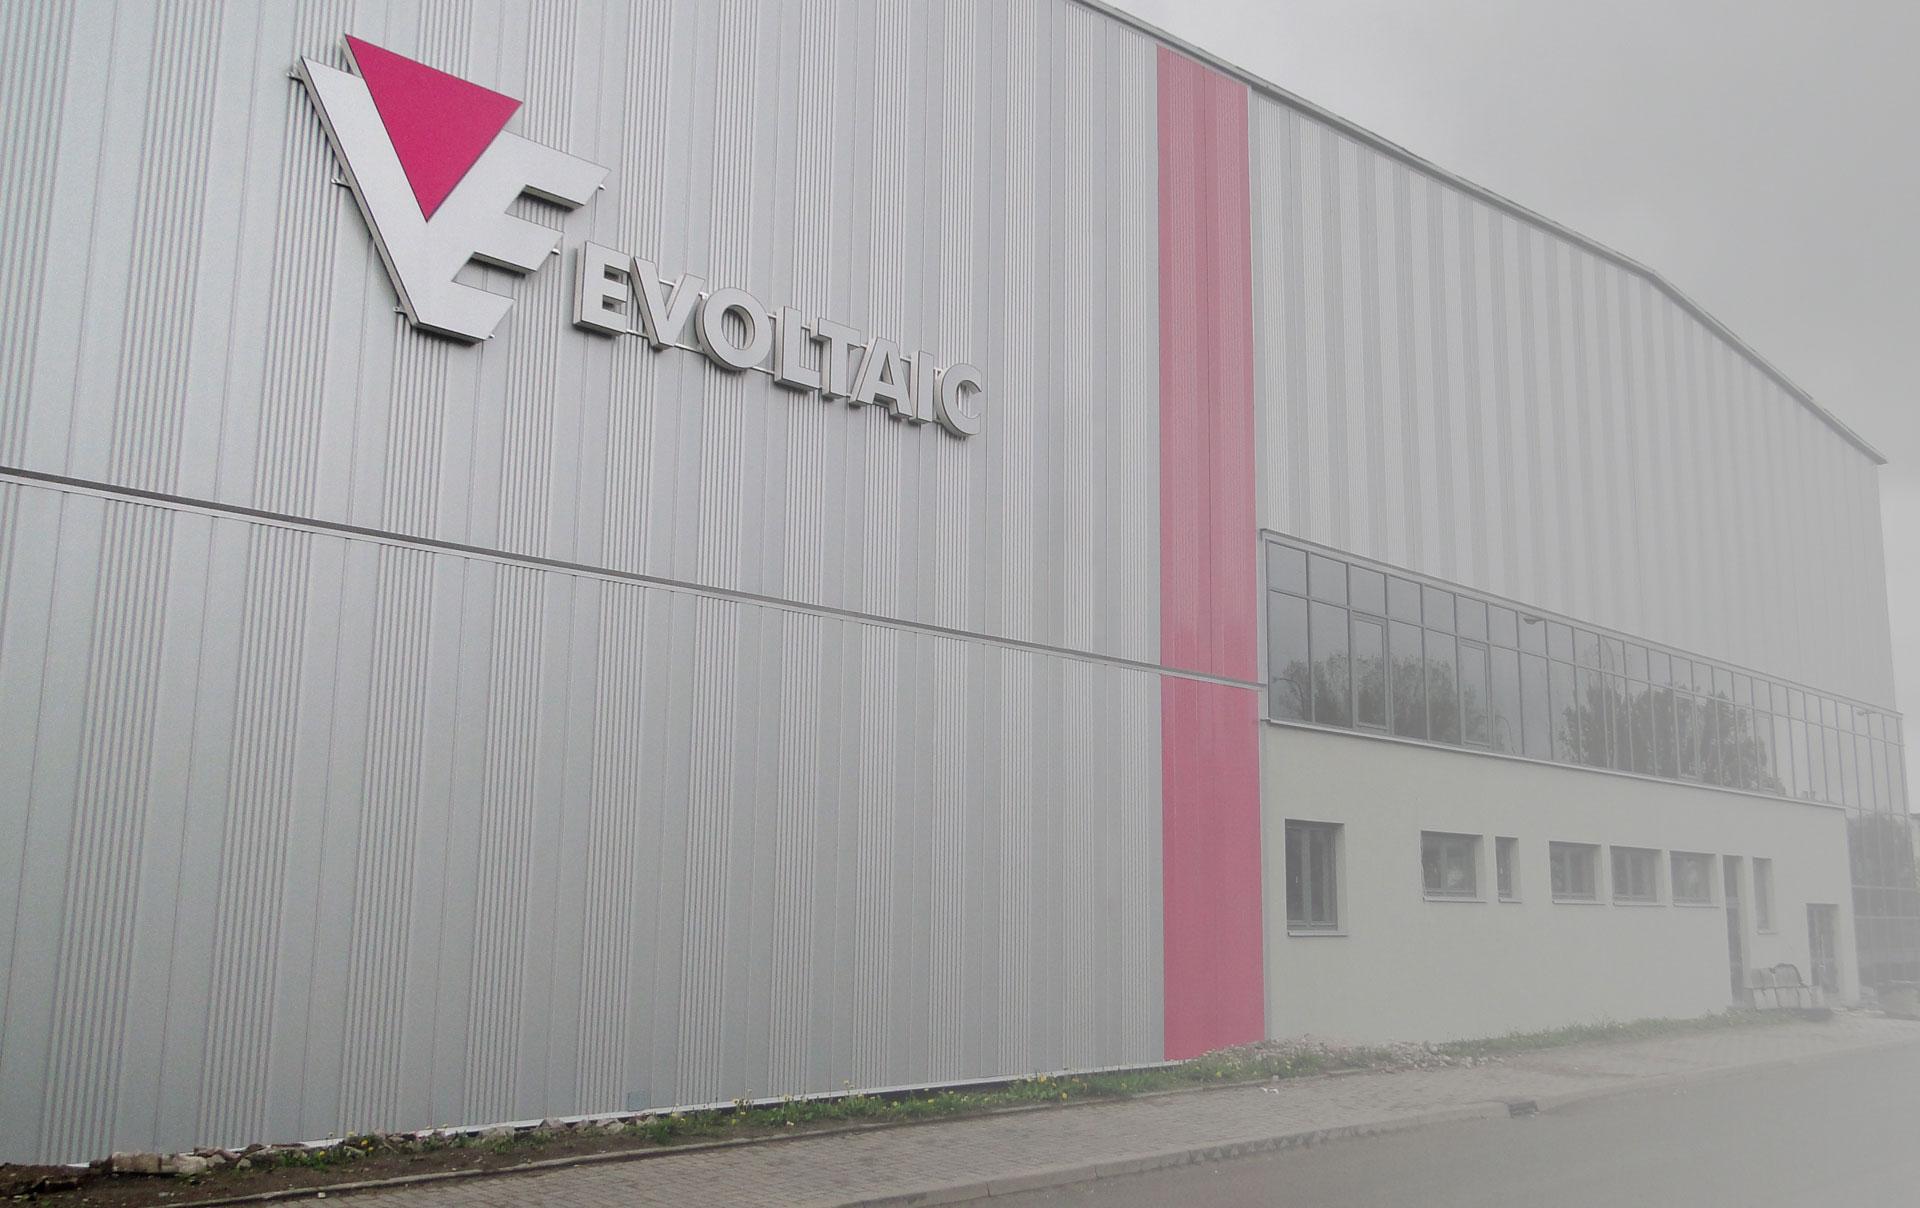 Evoltaic Sp. z o.o.